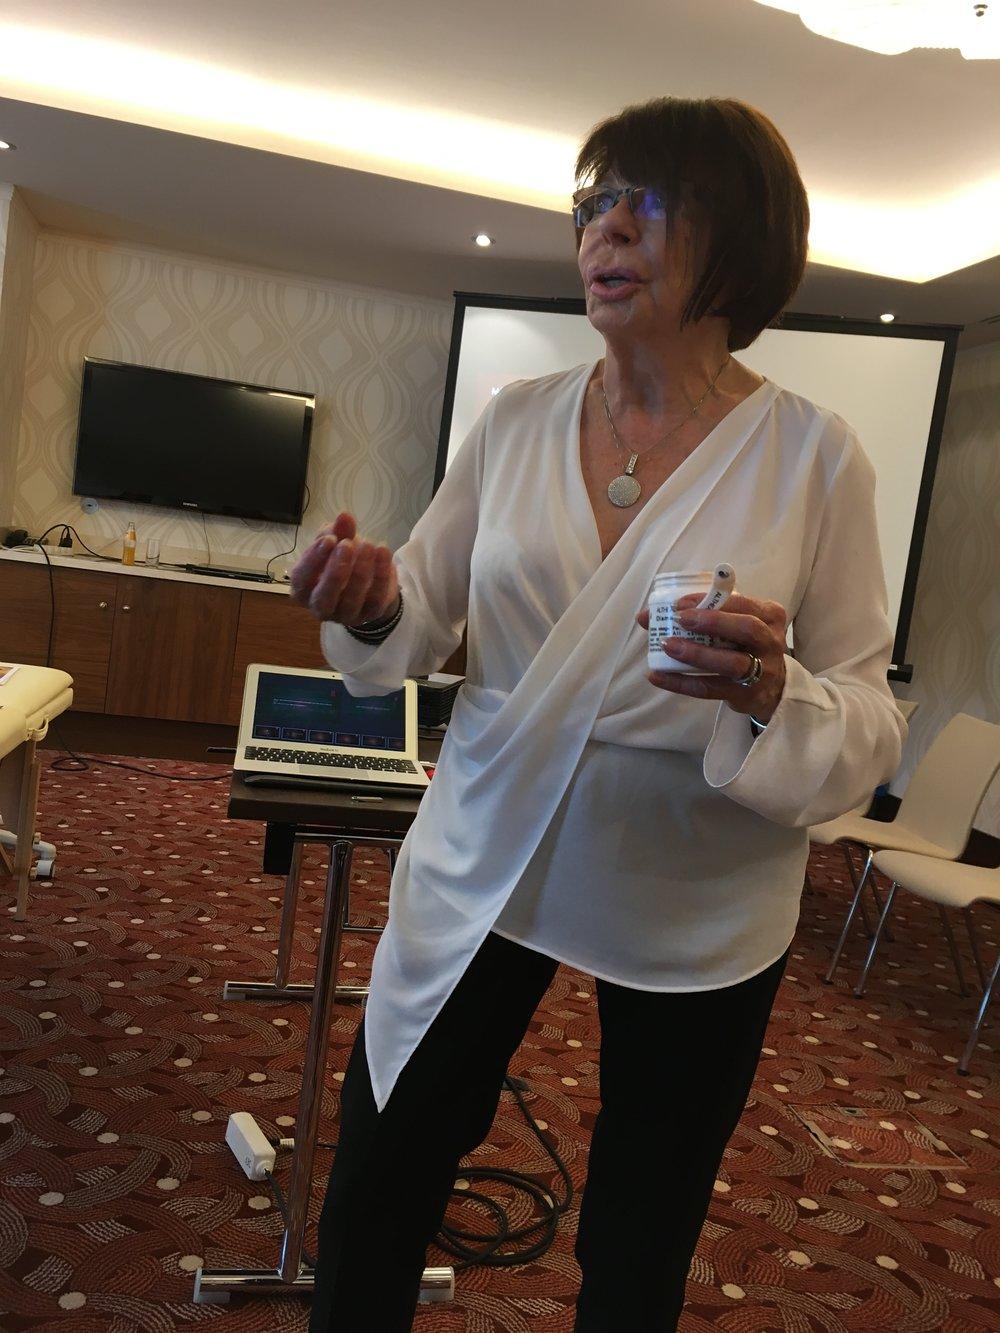 Na kongrese som stretla aj energickú Nicole Sinet, ktorá zastupuje francúzsku kozmetiku Altheagrey